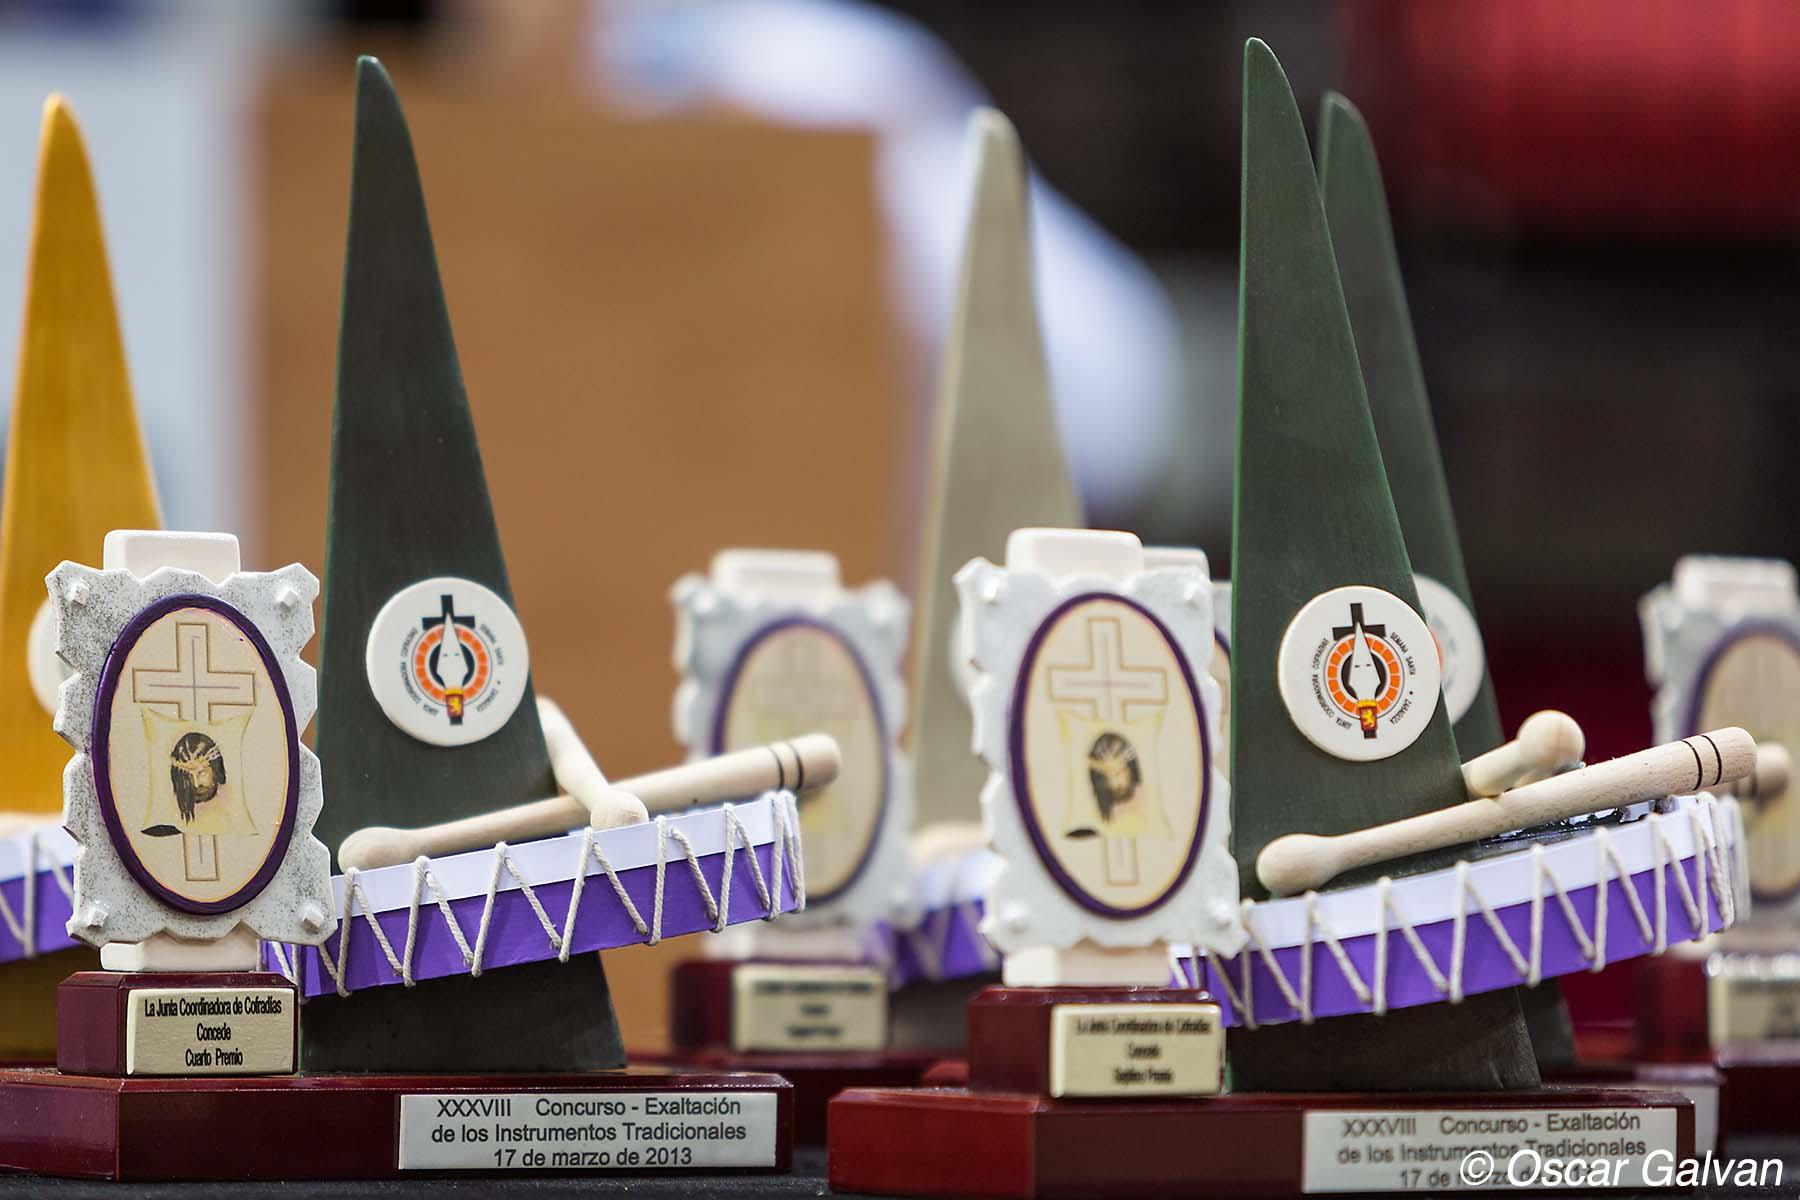 XXXVIII Concurso Exaltacion de los instrumentos tradicionales